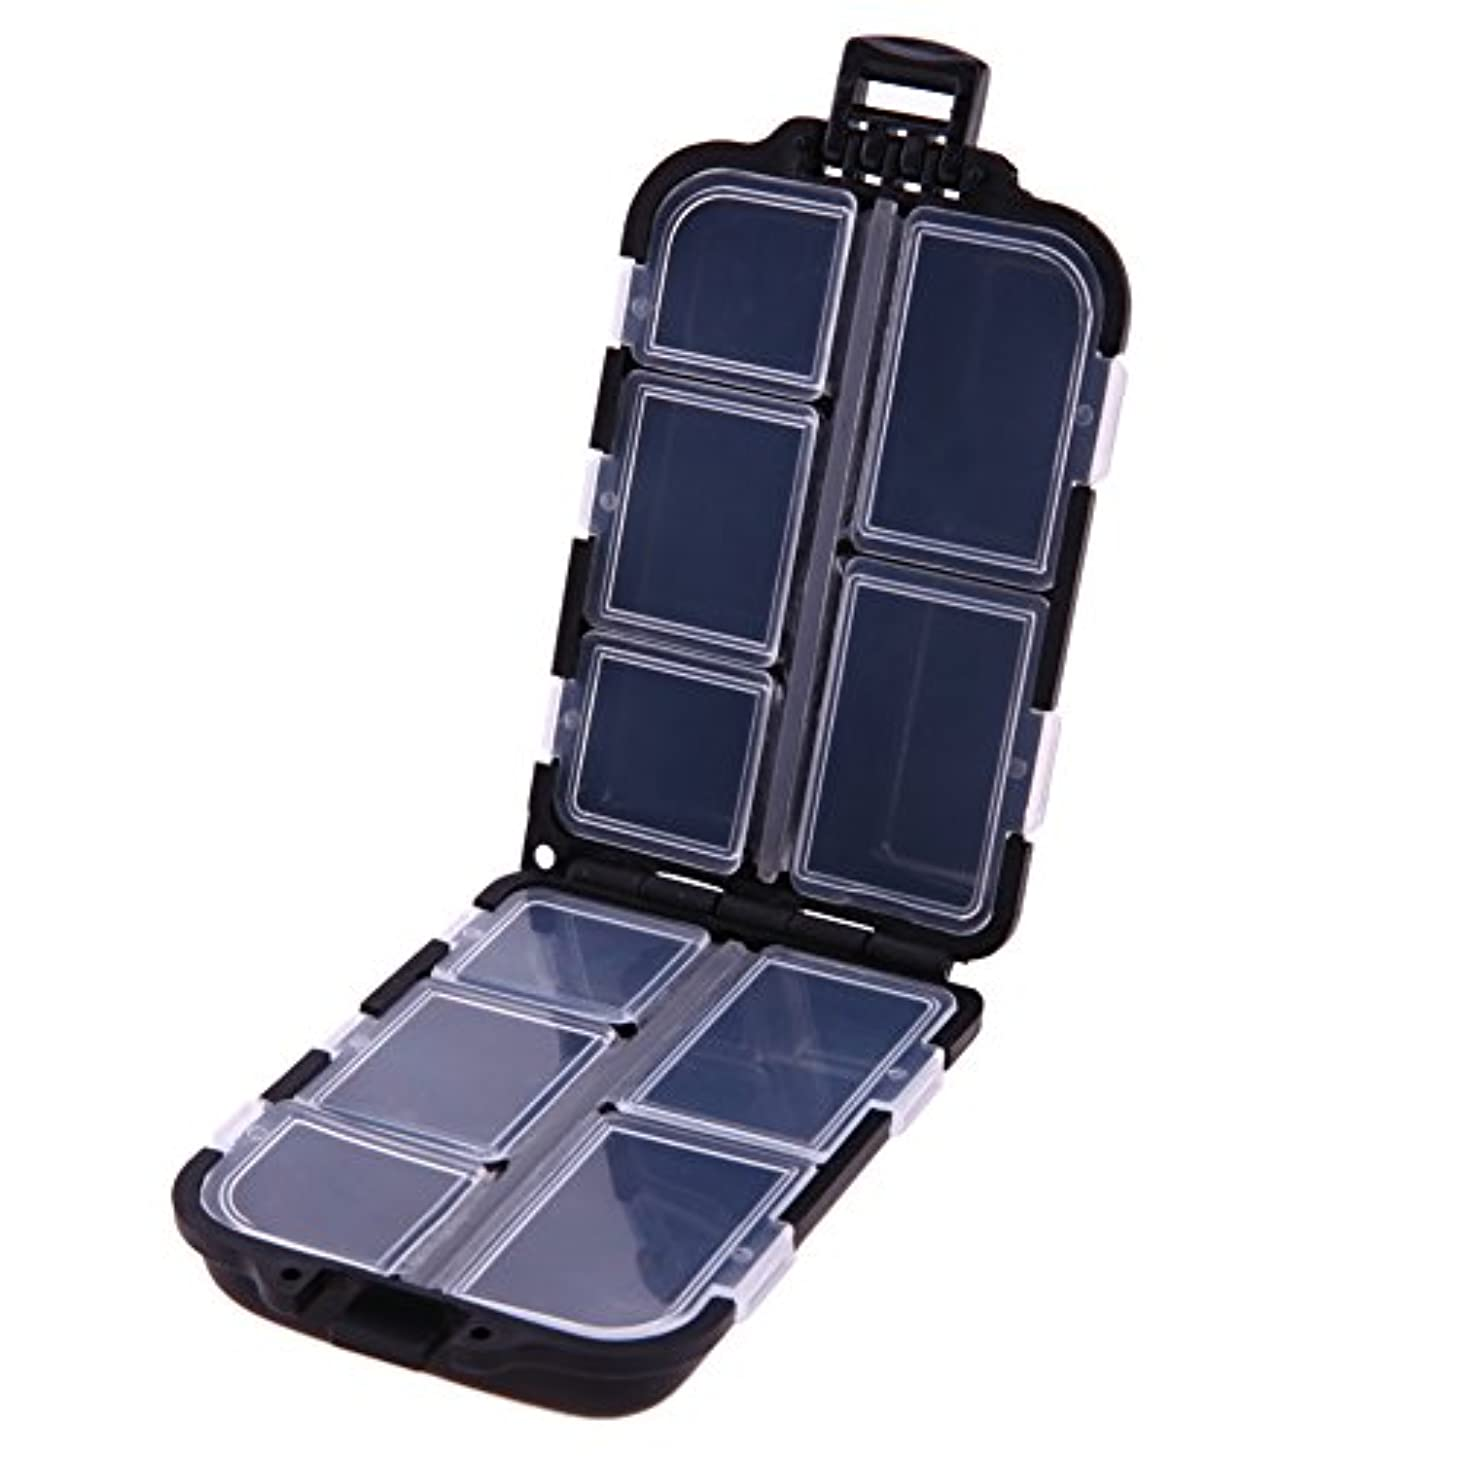 最初に潤滑するわずかなGaoominy 10格実用性のある釣りタックルボックスルアーフック硬質プラスチック釣具、ブラック